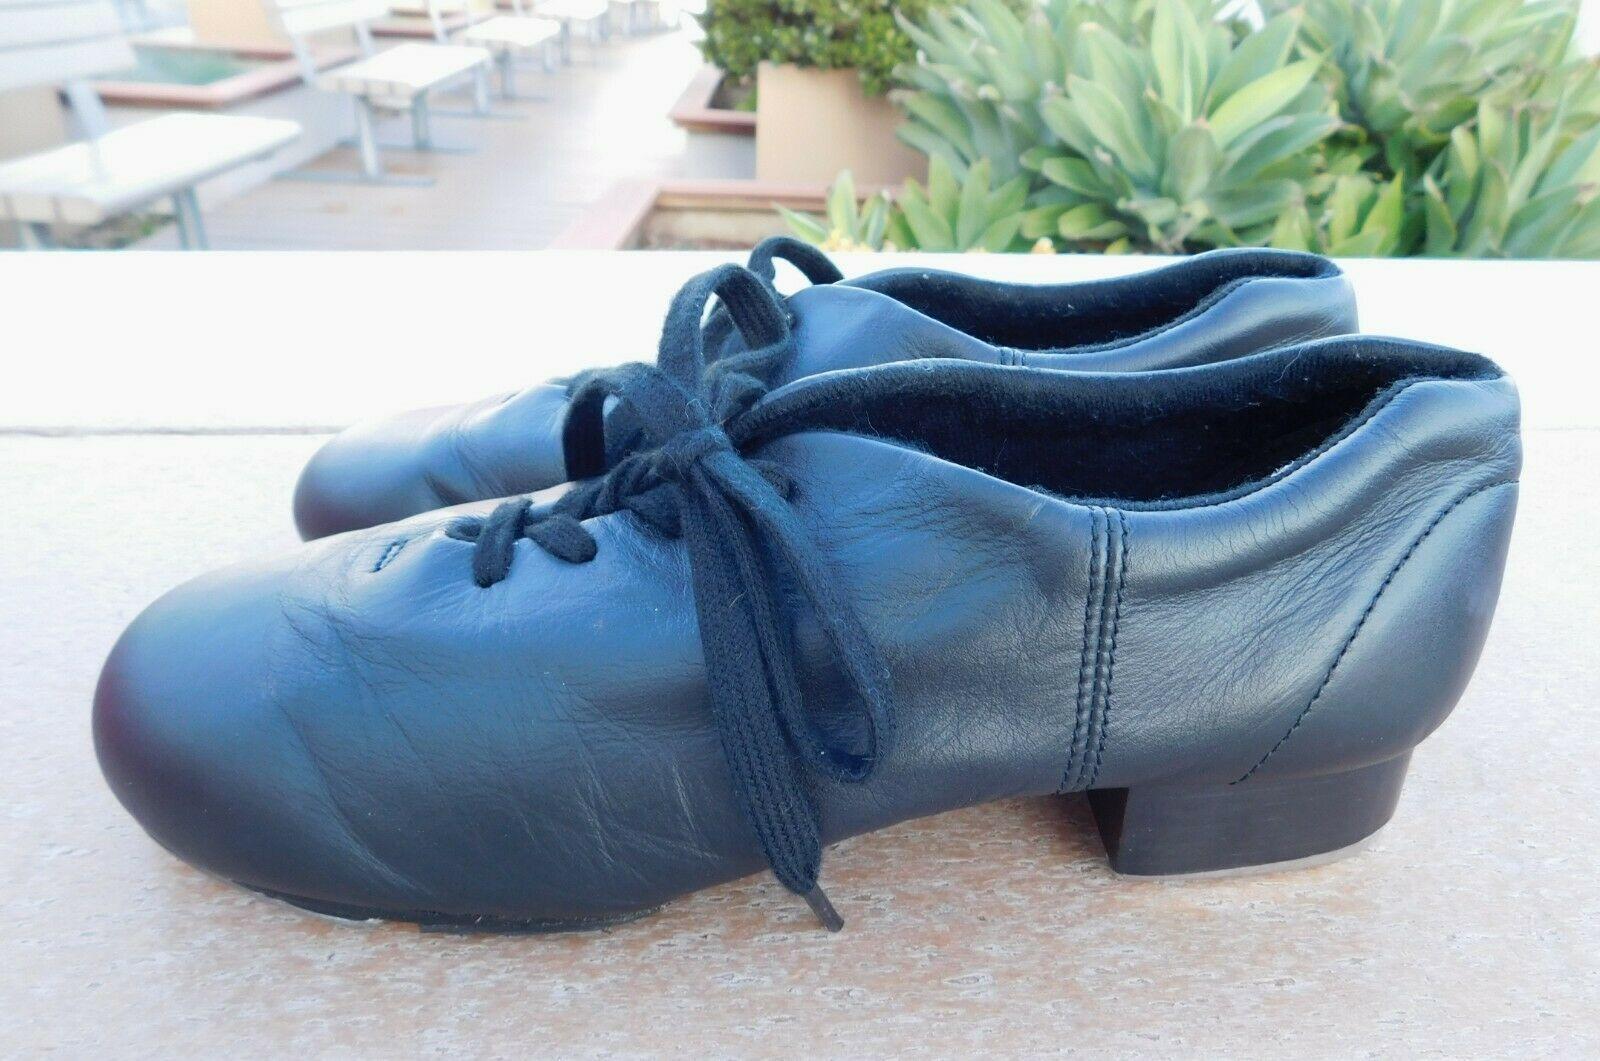 Capezio Tele Tone Black Tap Dance Shoes Lace Up Leather 7 M